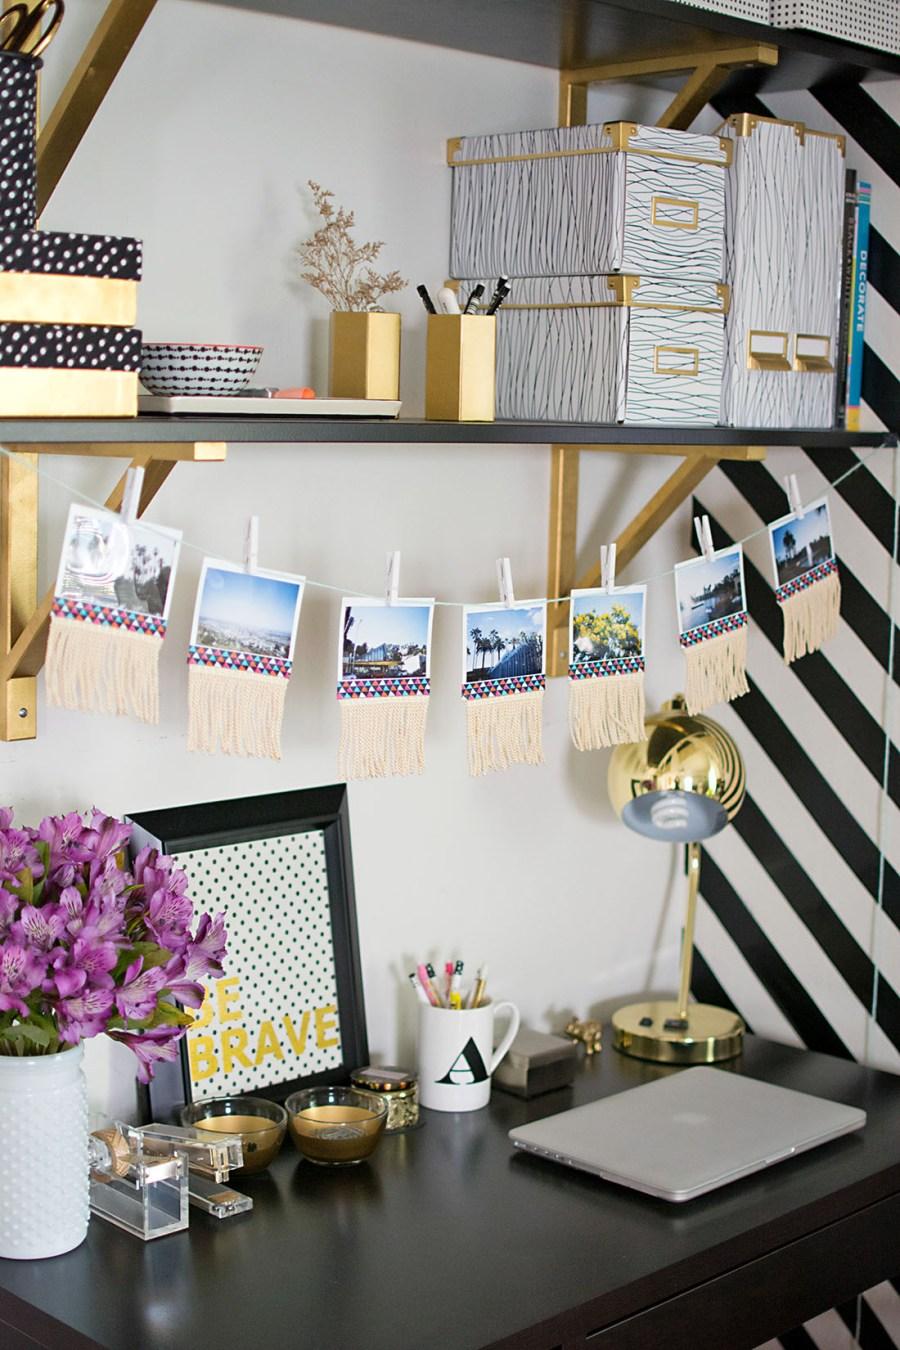 Photo-garland-above-desk2 (1).jpg